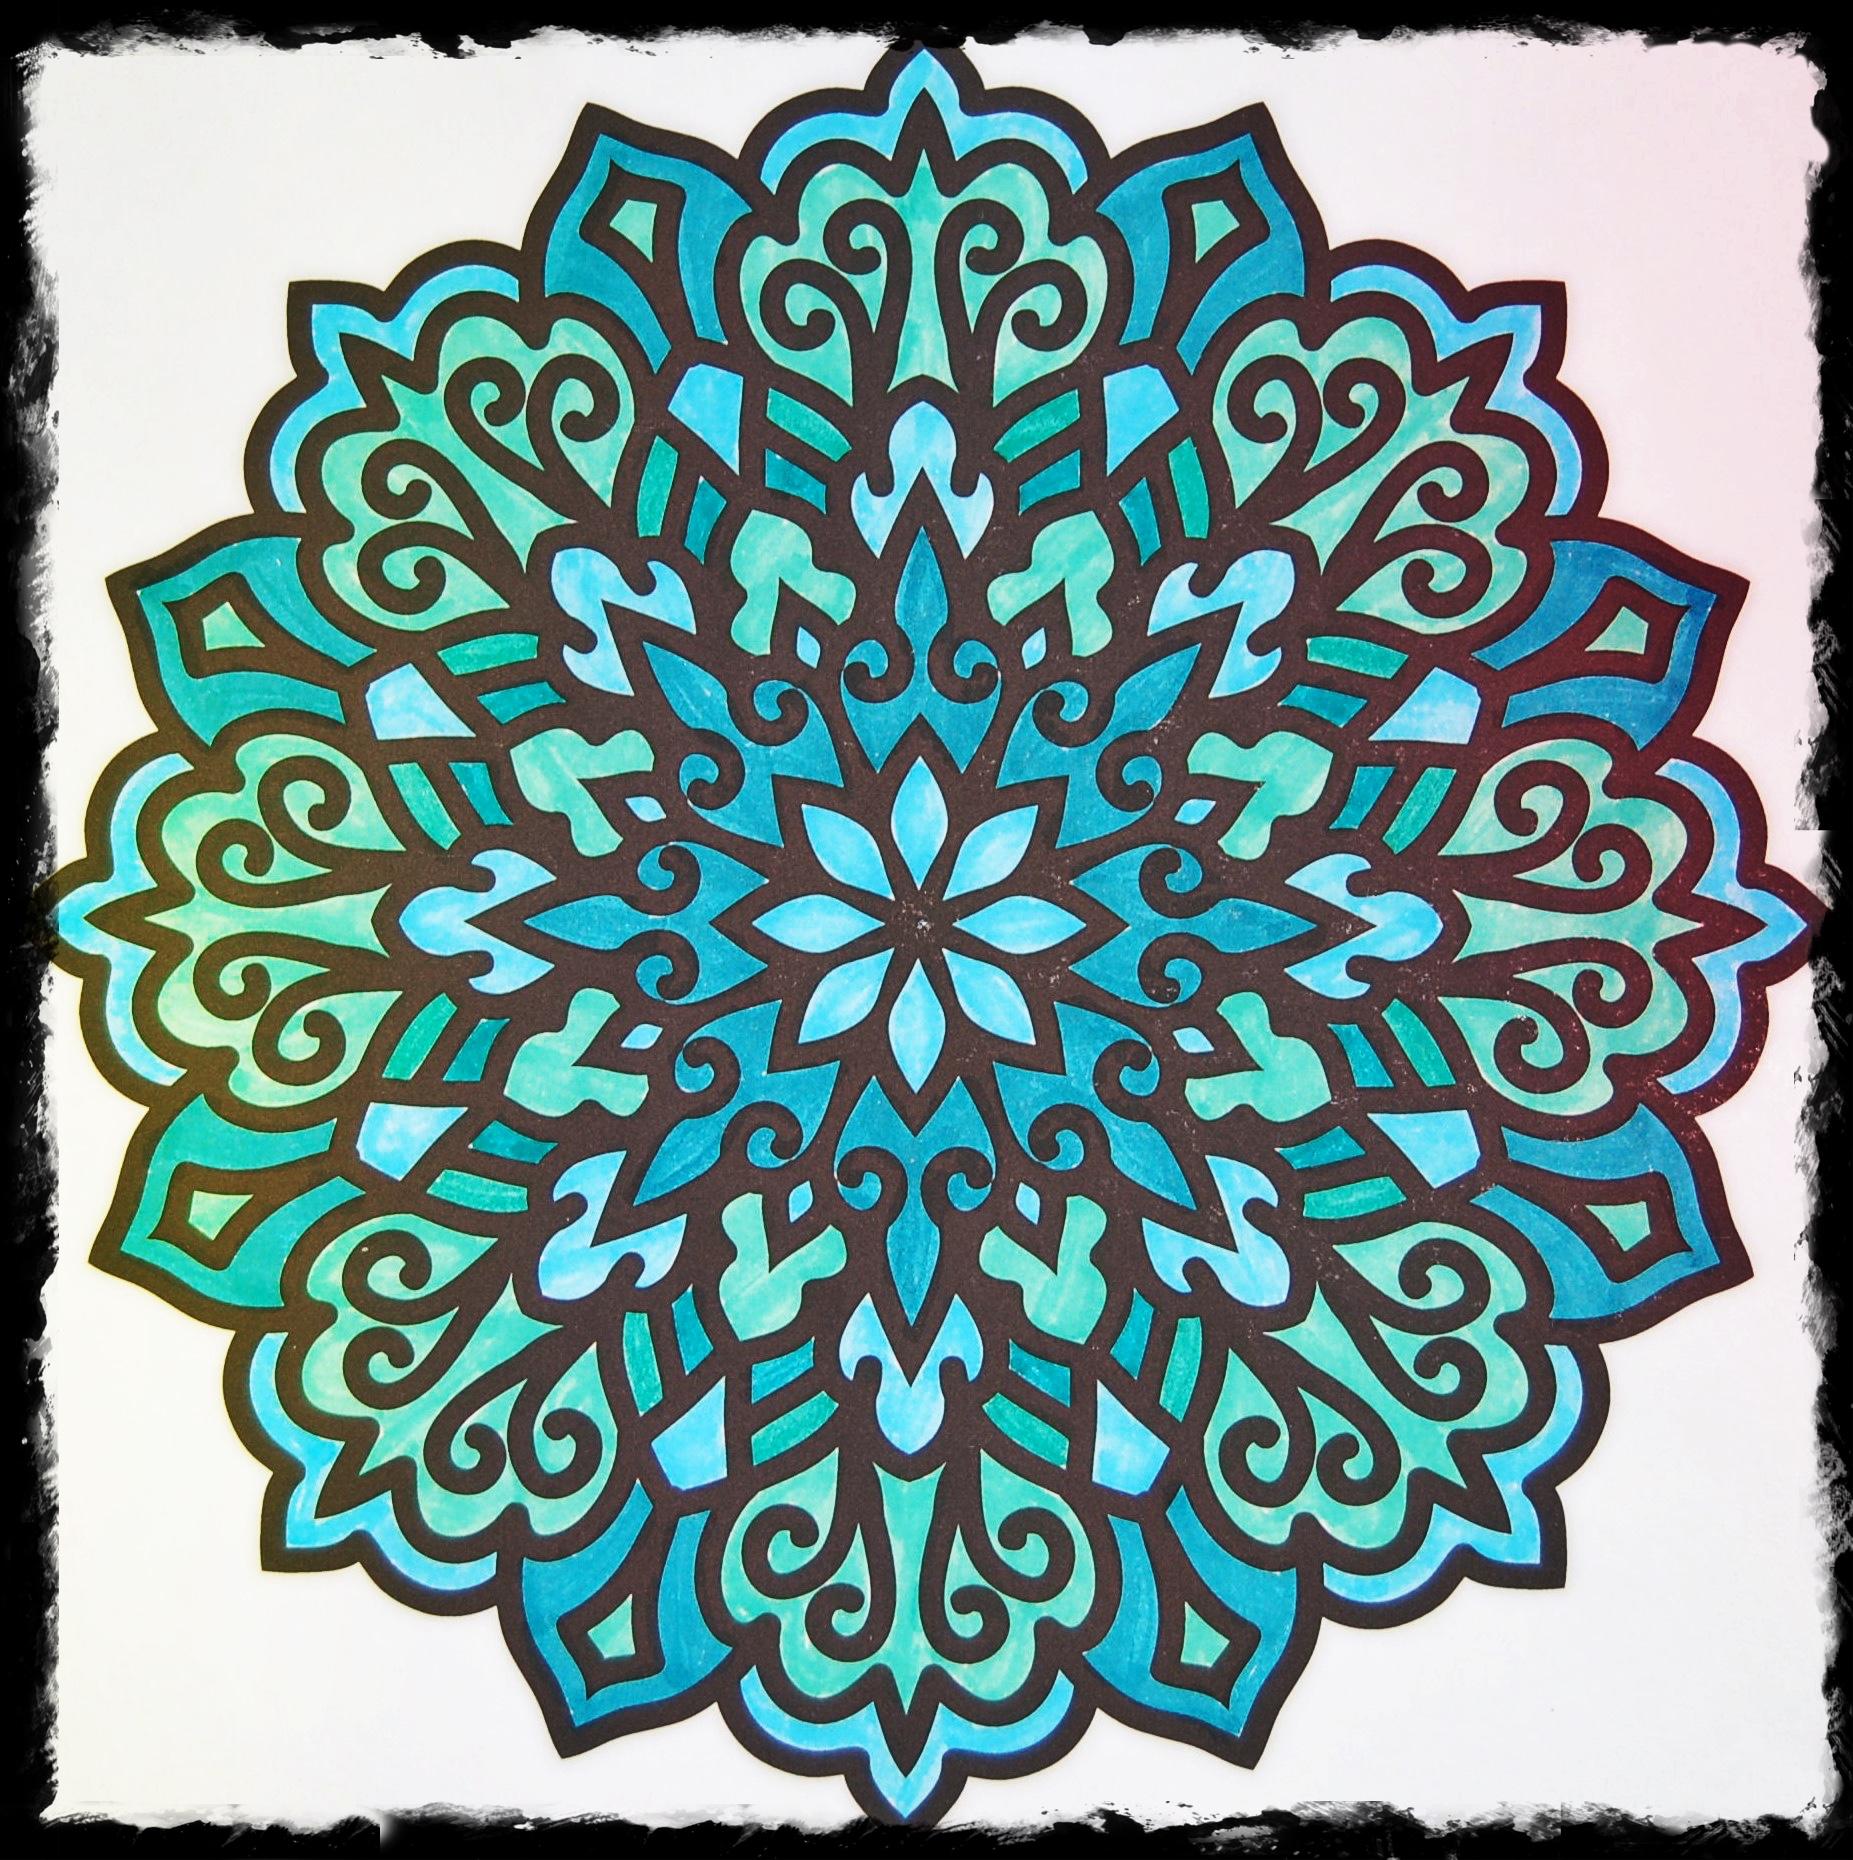 Flower Art on Paper